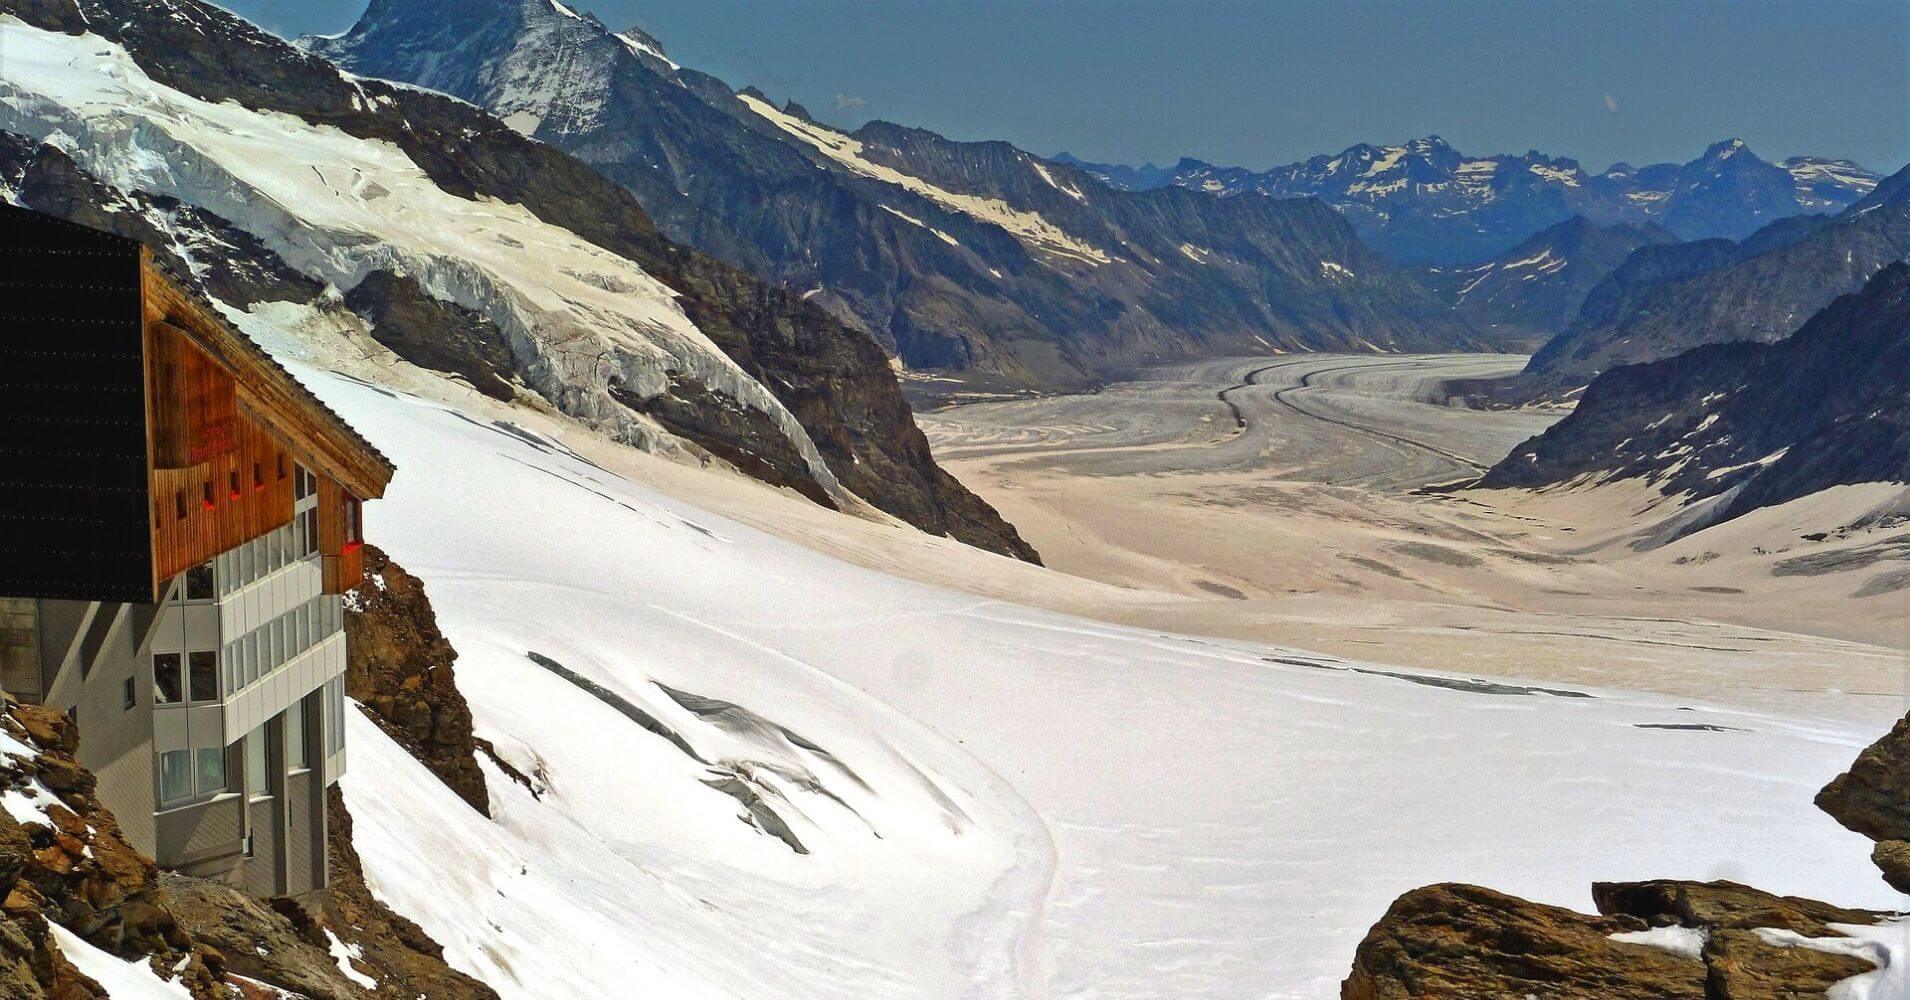 Estación del Jungfraujoch. Alpes Berneses y Glaciar de Aletsch. Suiza.